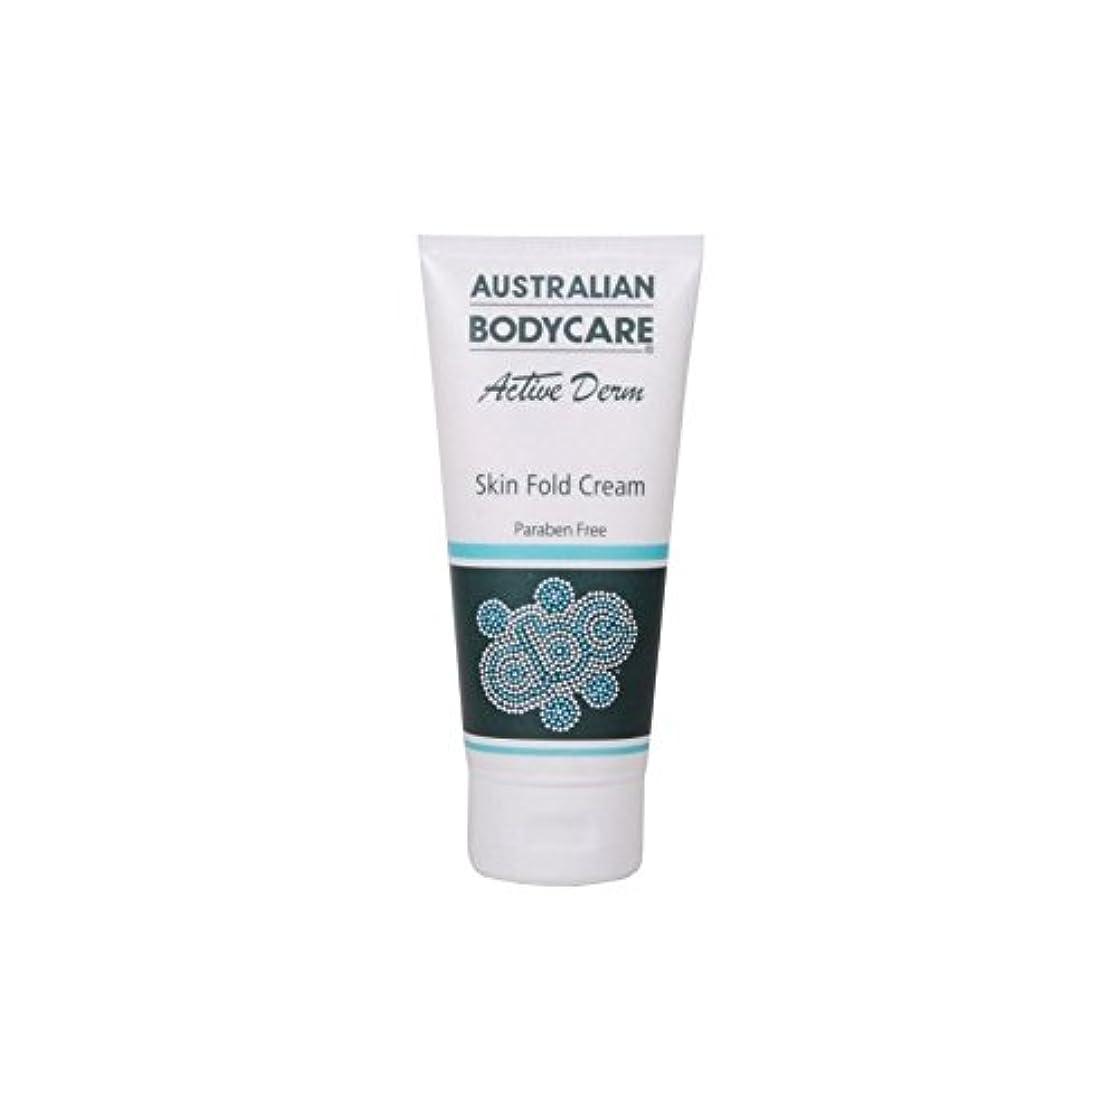 補助オーバーフロー大使オーストラリアのボディケアアクティブダーム皮膚のひだクリーム(100ミリリットル) x4 - Australian Bodycare Active Derm Skin Fold Cream (100ml) (Pack of 4) [並行輸入品]